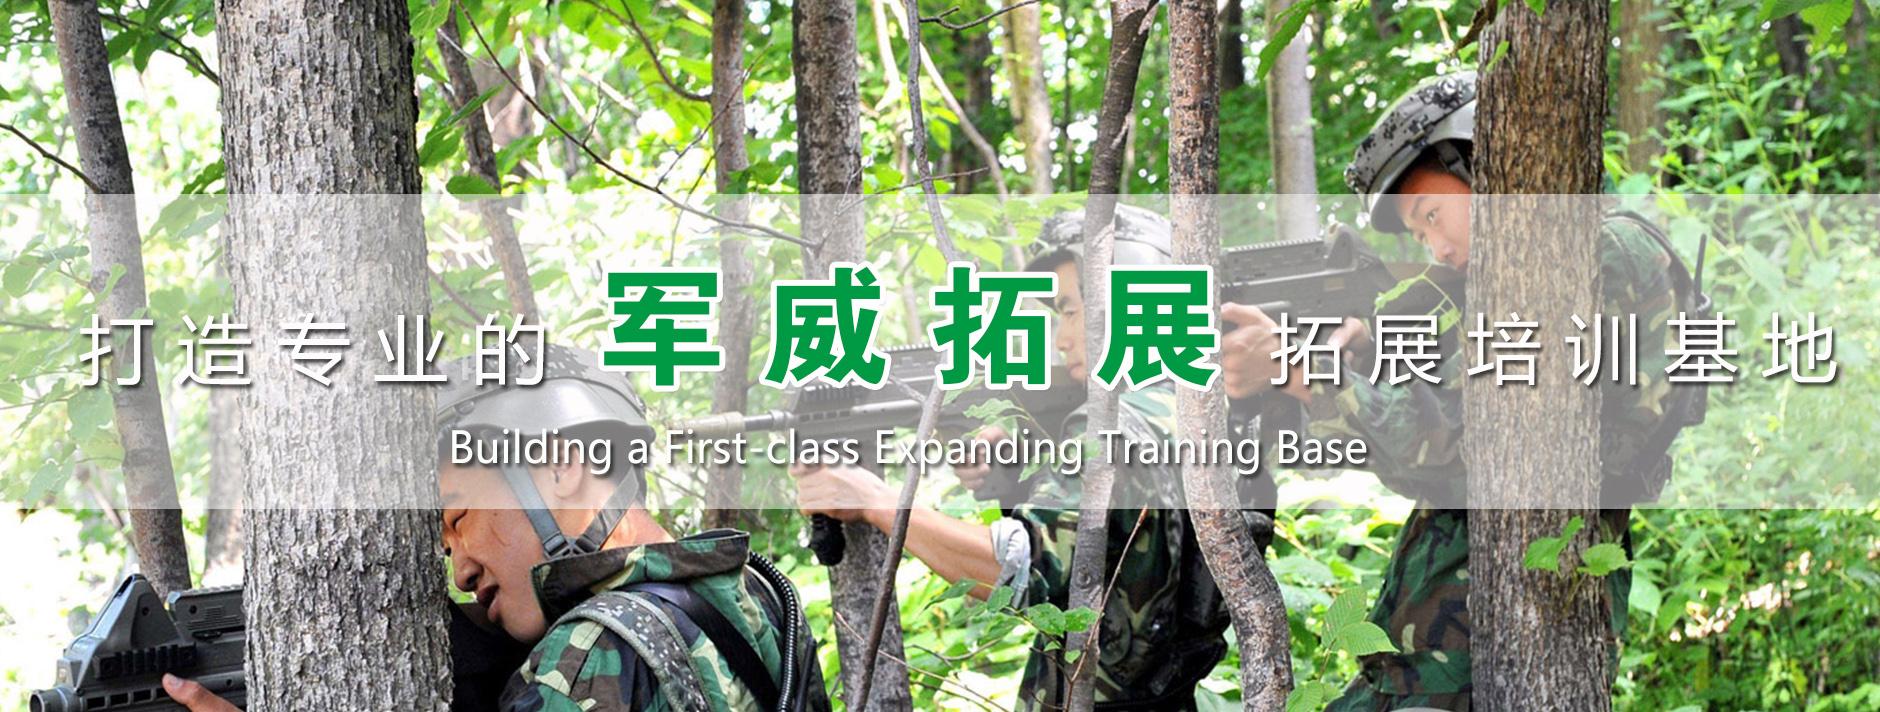 西安拓展培訓